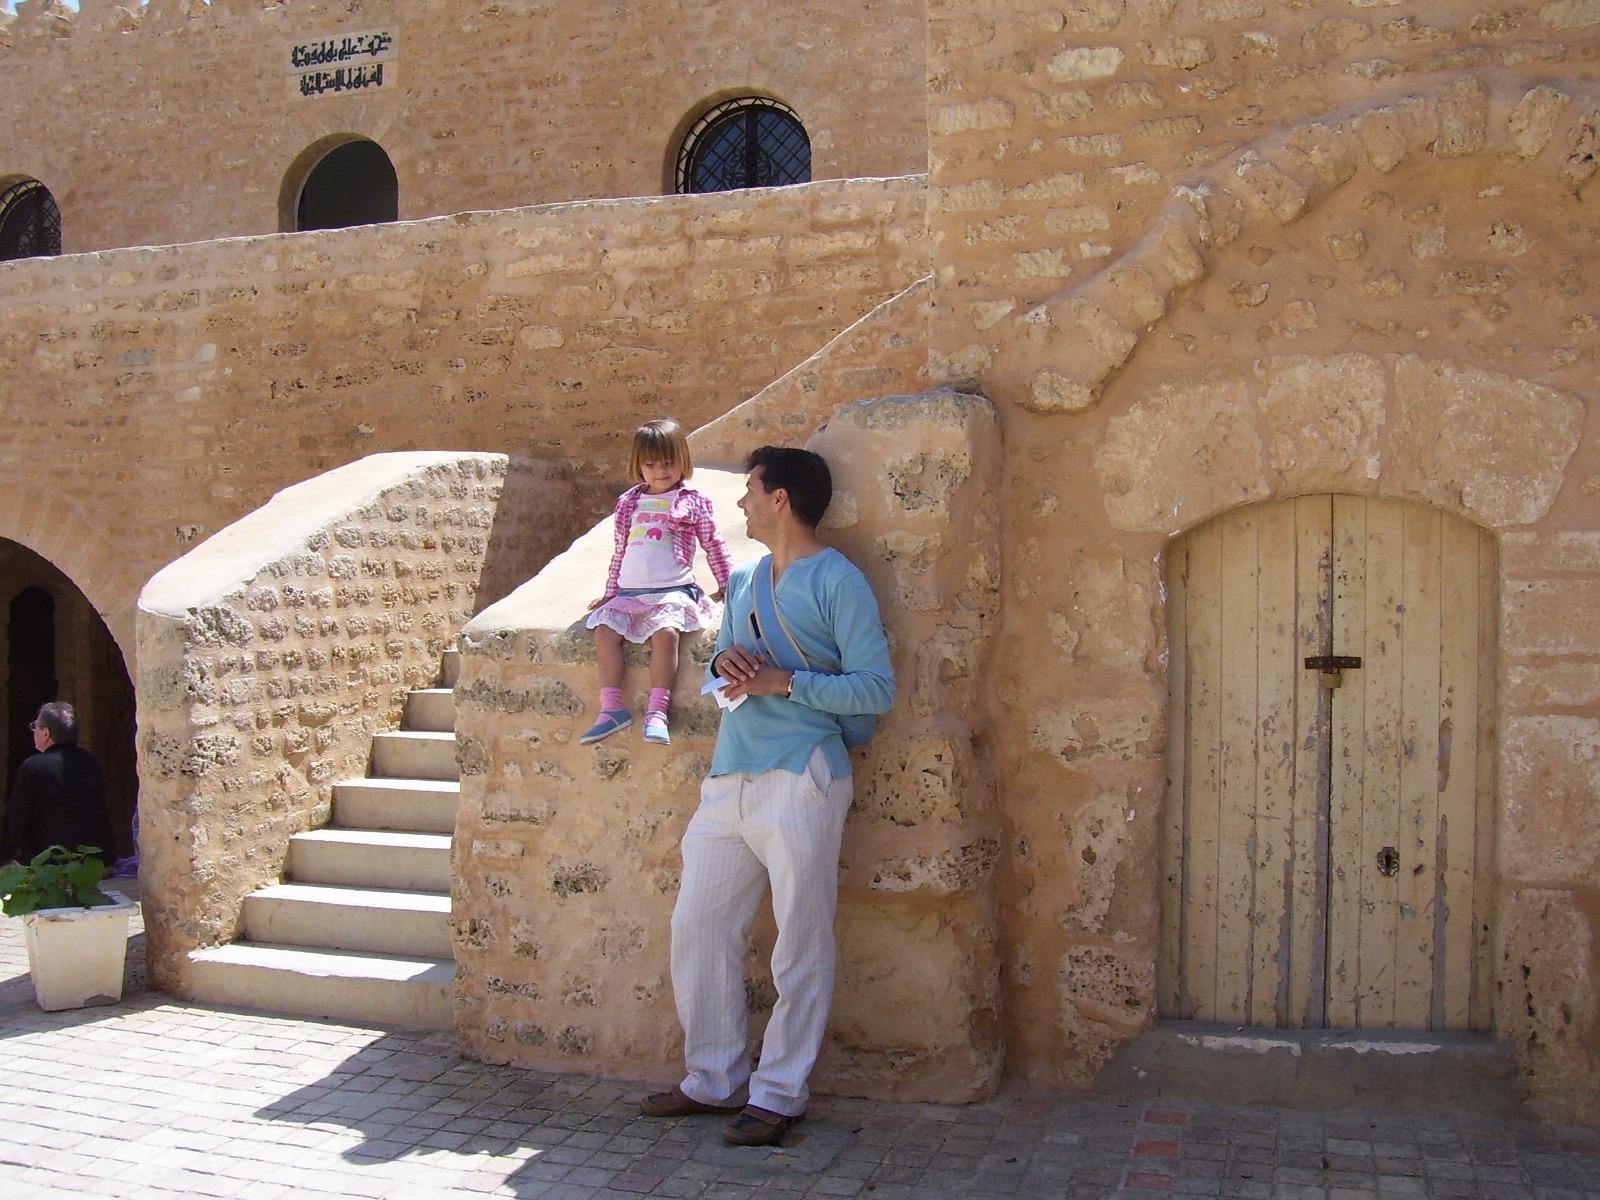 hombre - niña - puerta - muralla - piedra